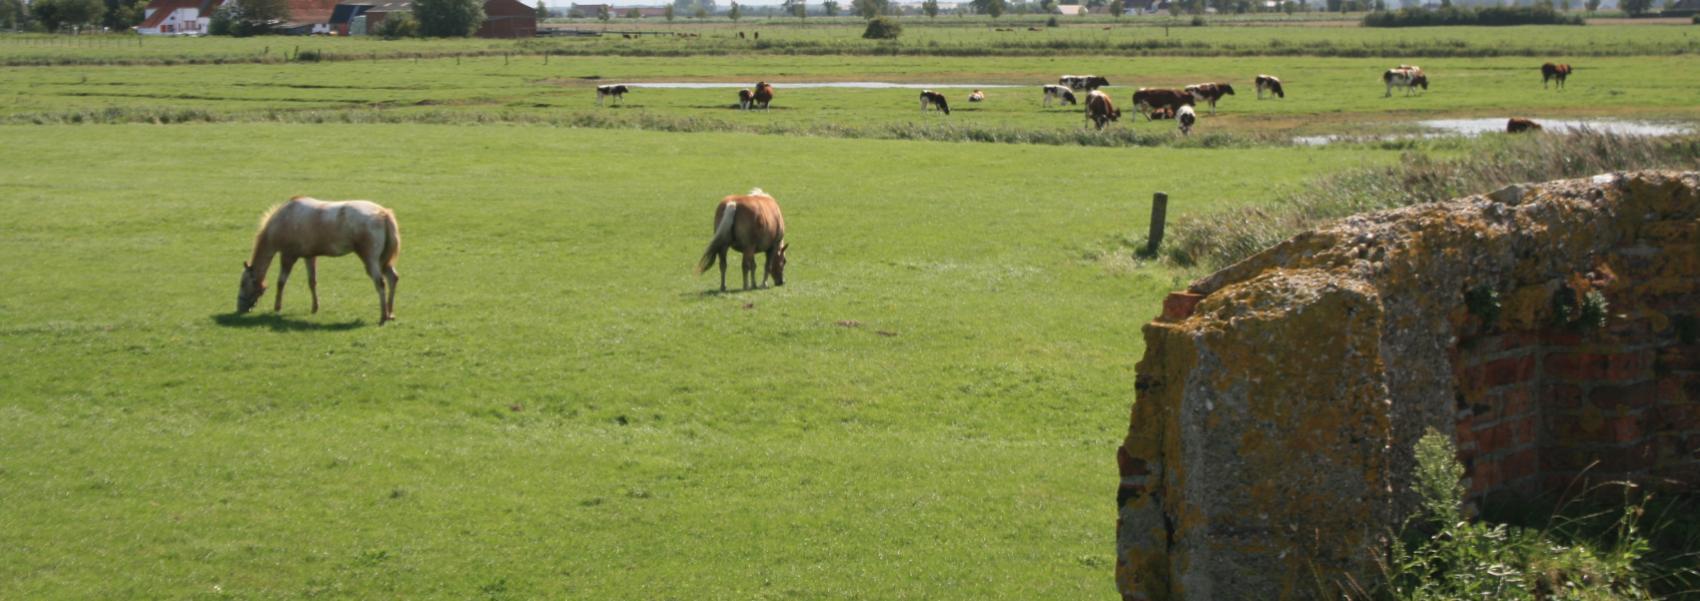 paarden in de weide met aan de zijkant een bunker